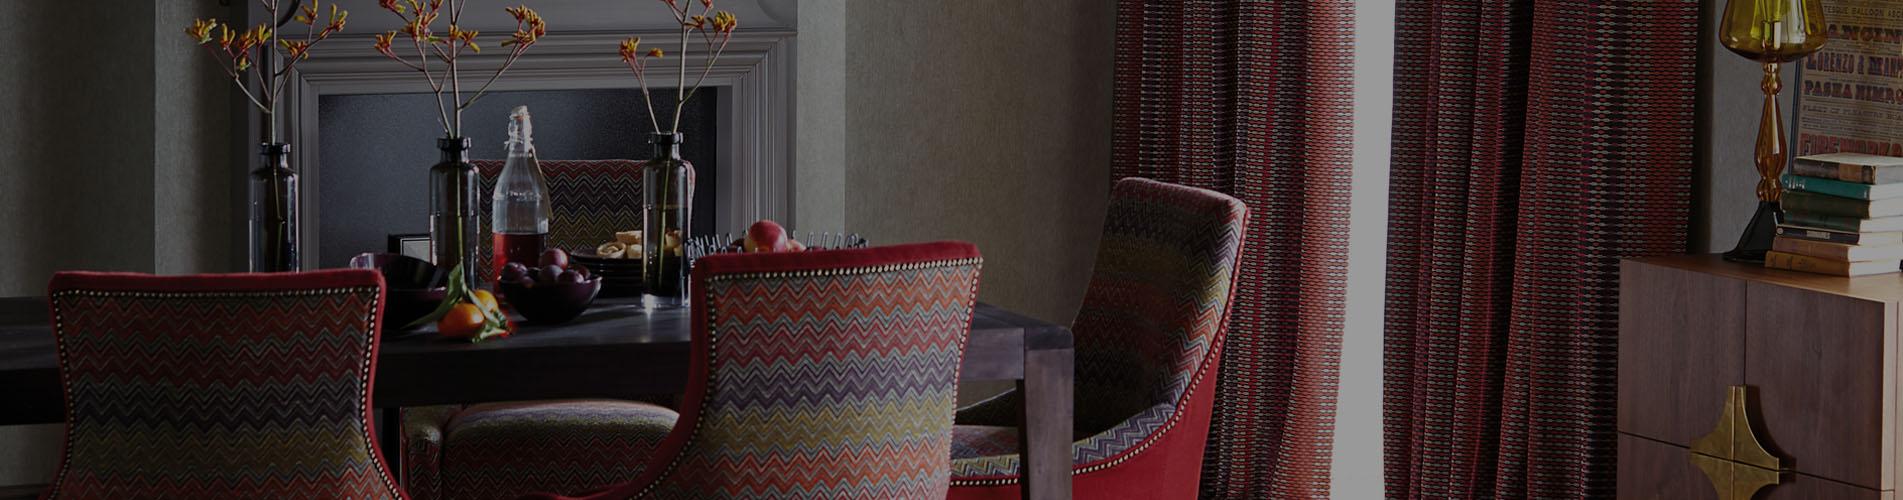 Free Interior Design Consultation